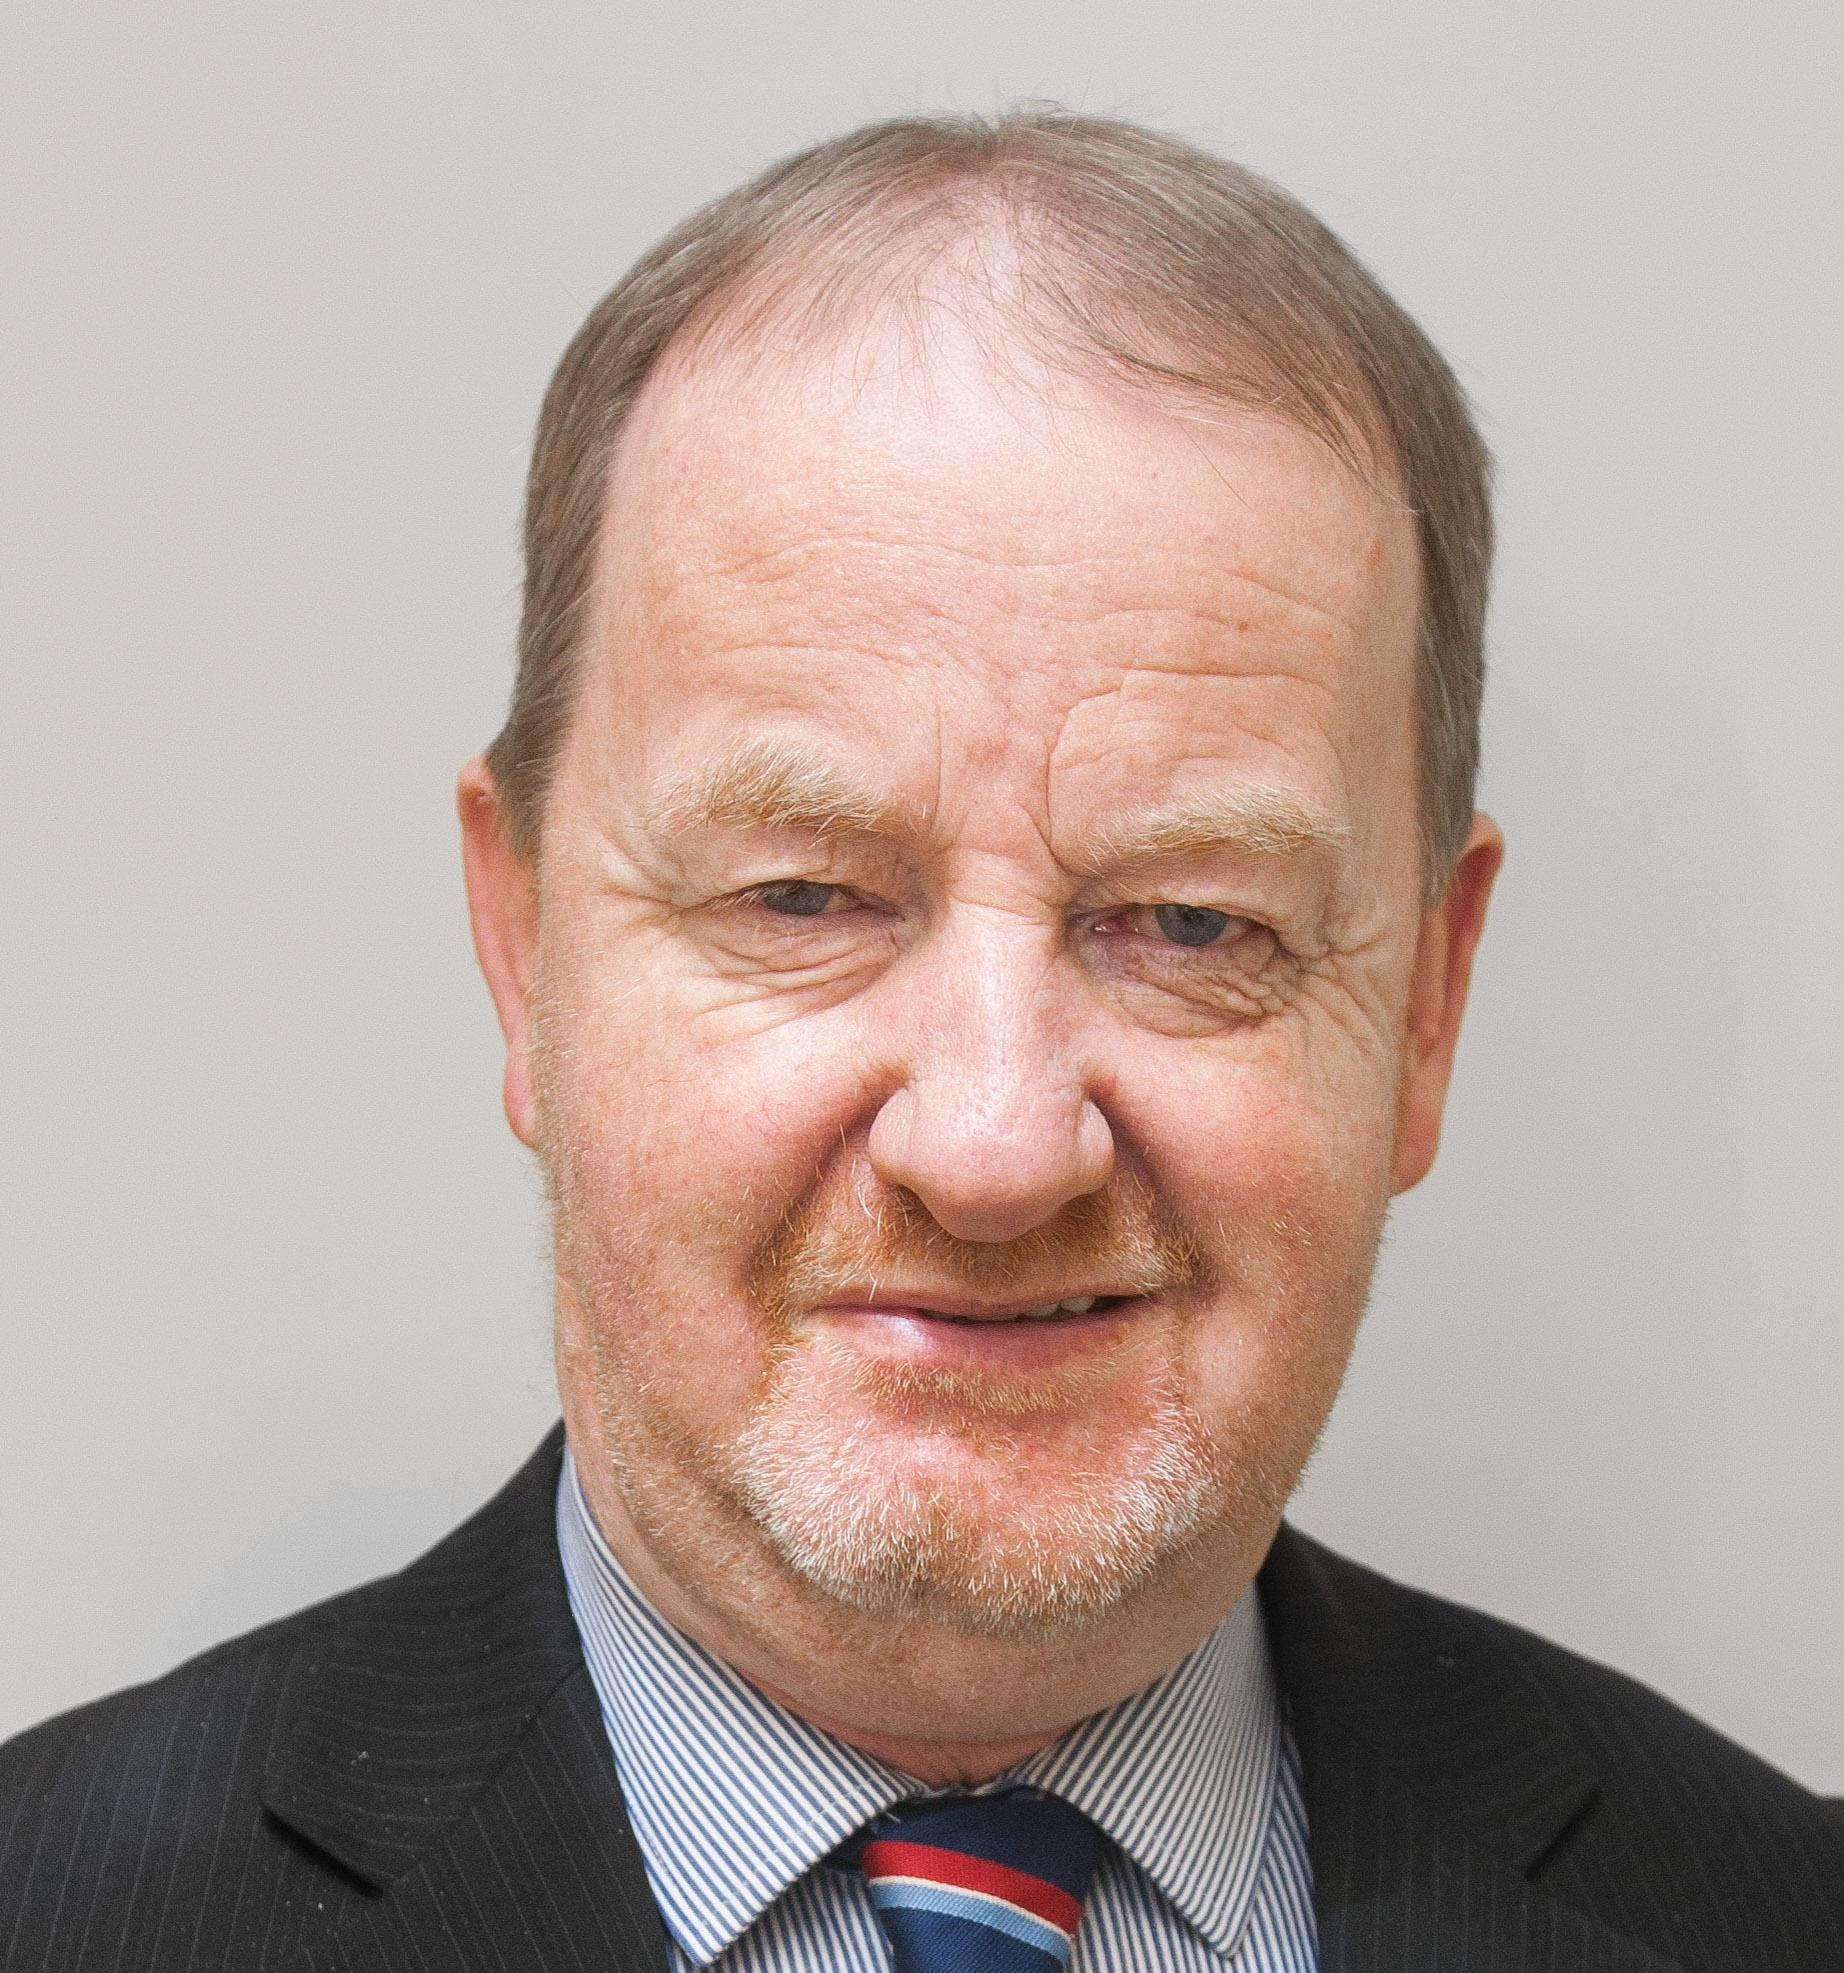 Cllr John Brennan, Leas-Cathaoirleach